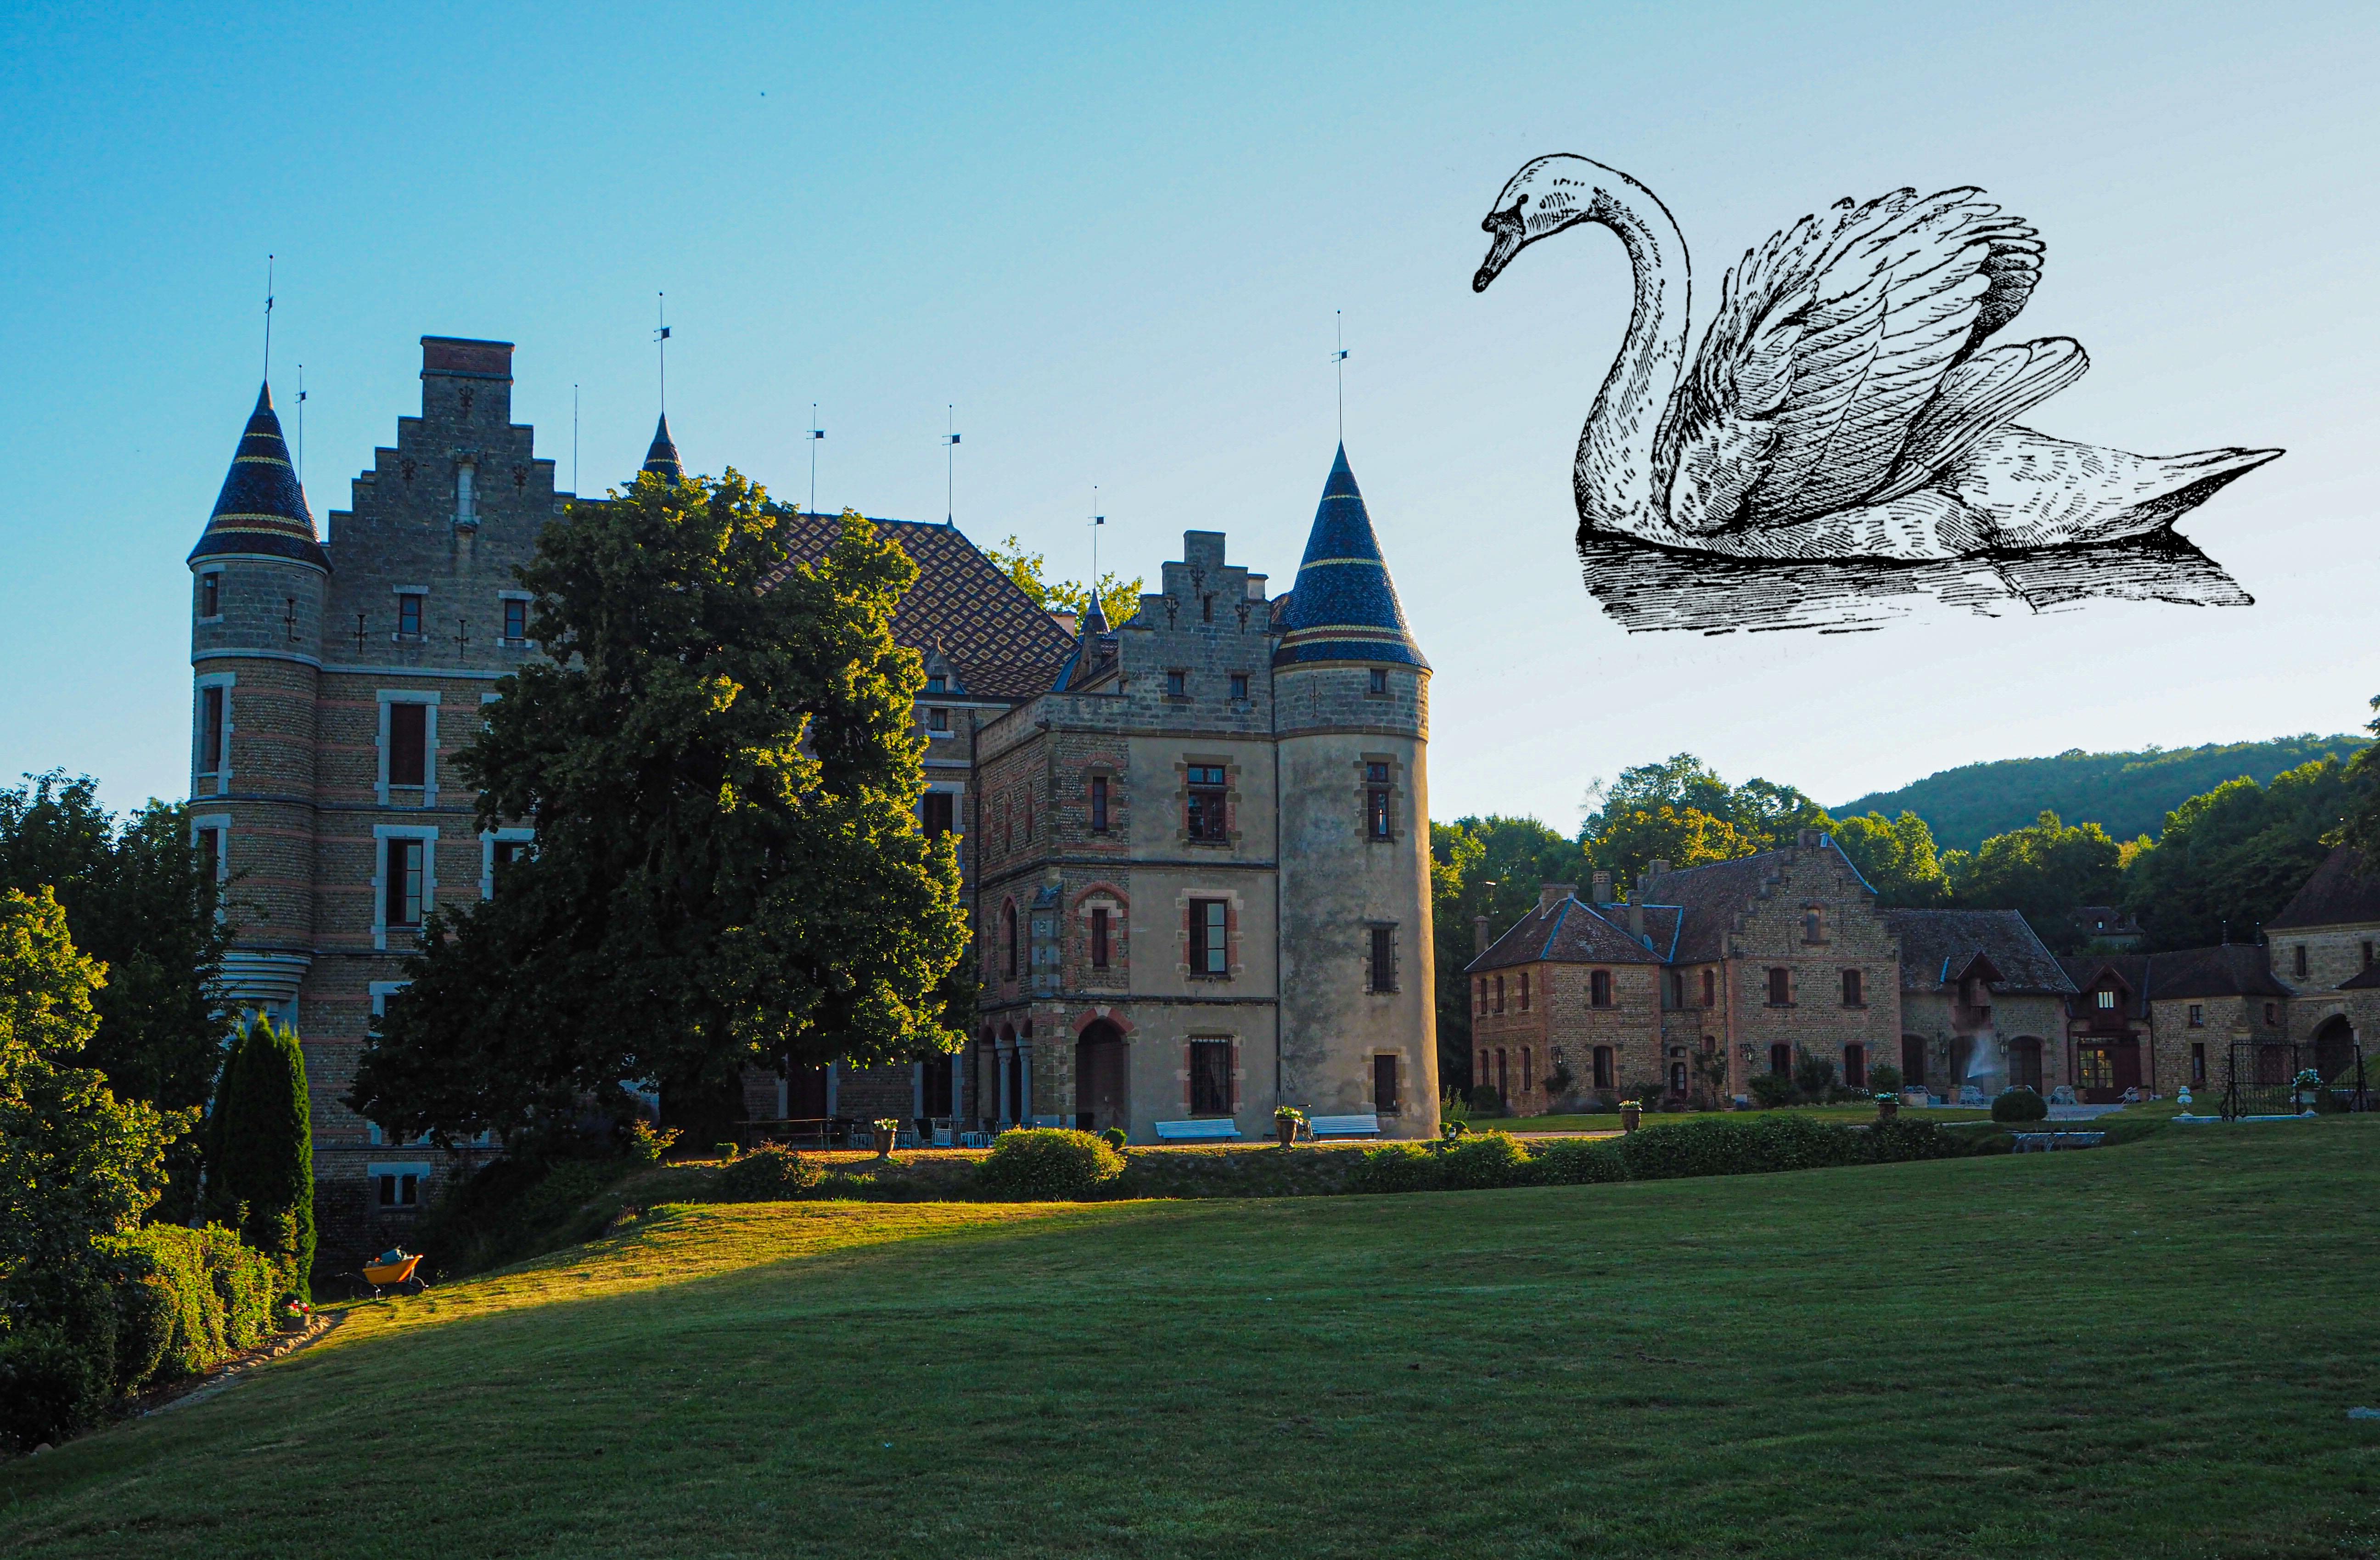 Vue du château avec un cygne dessiné dans le ciel en haut à droite